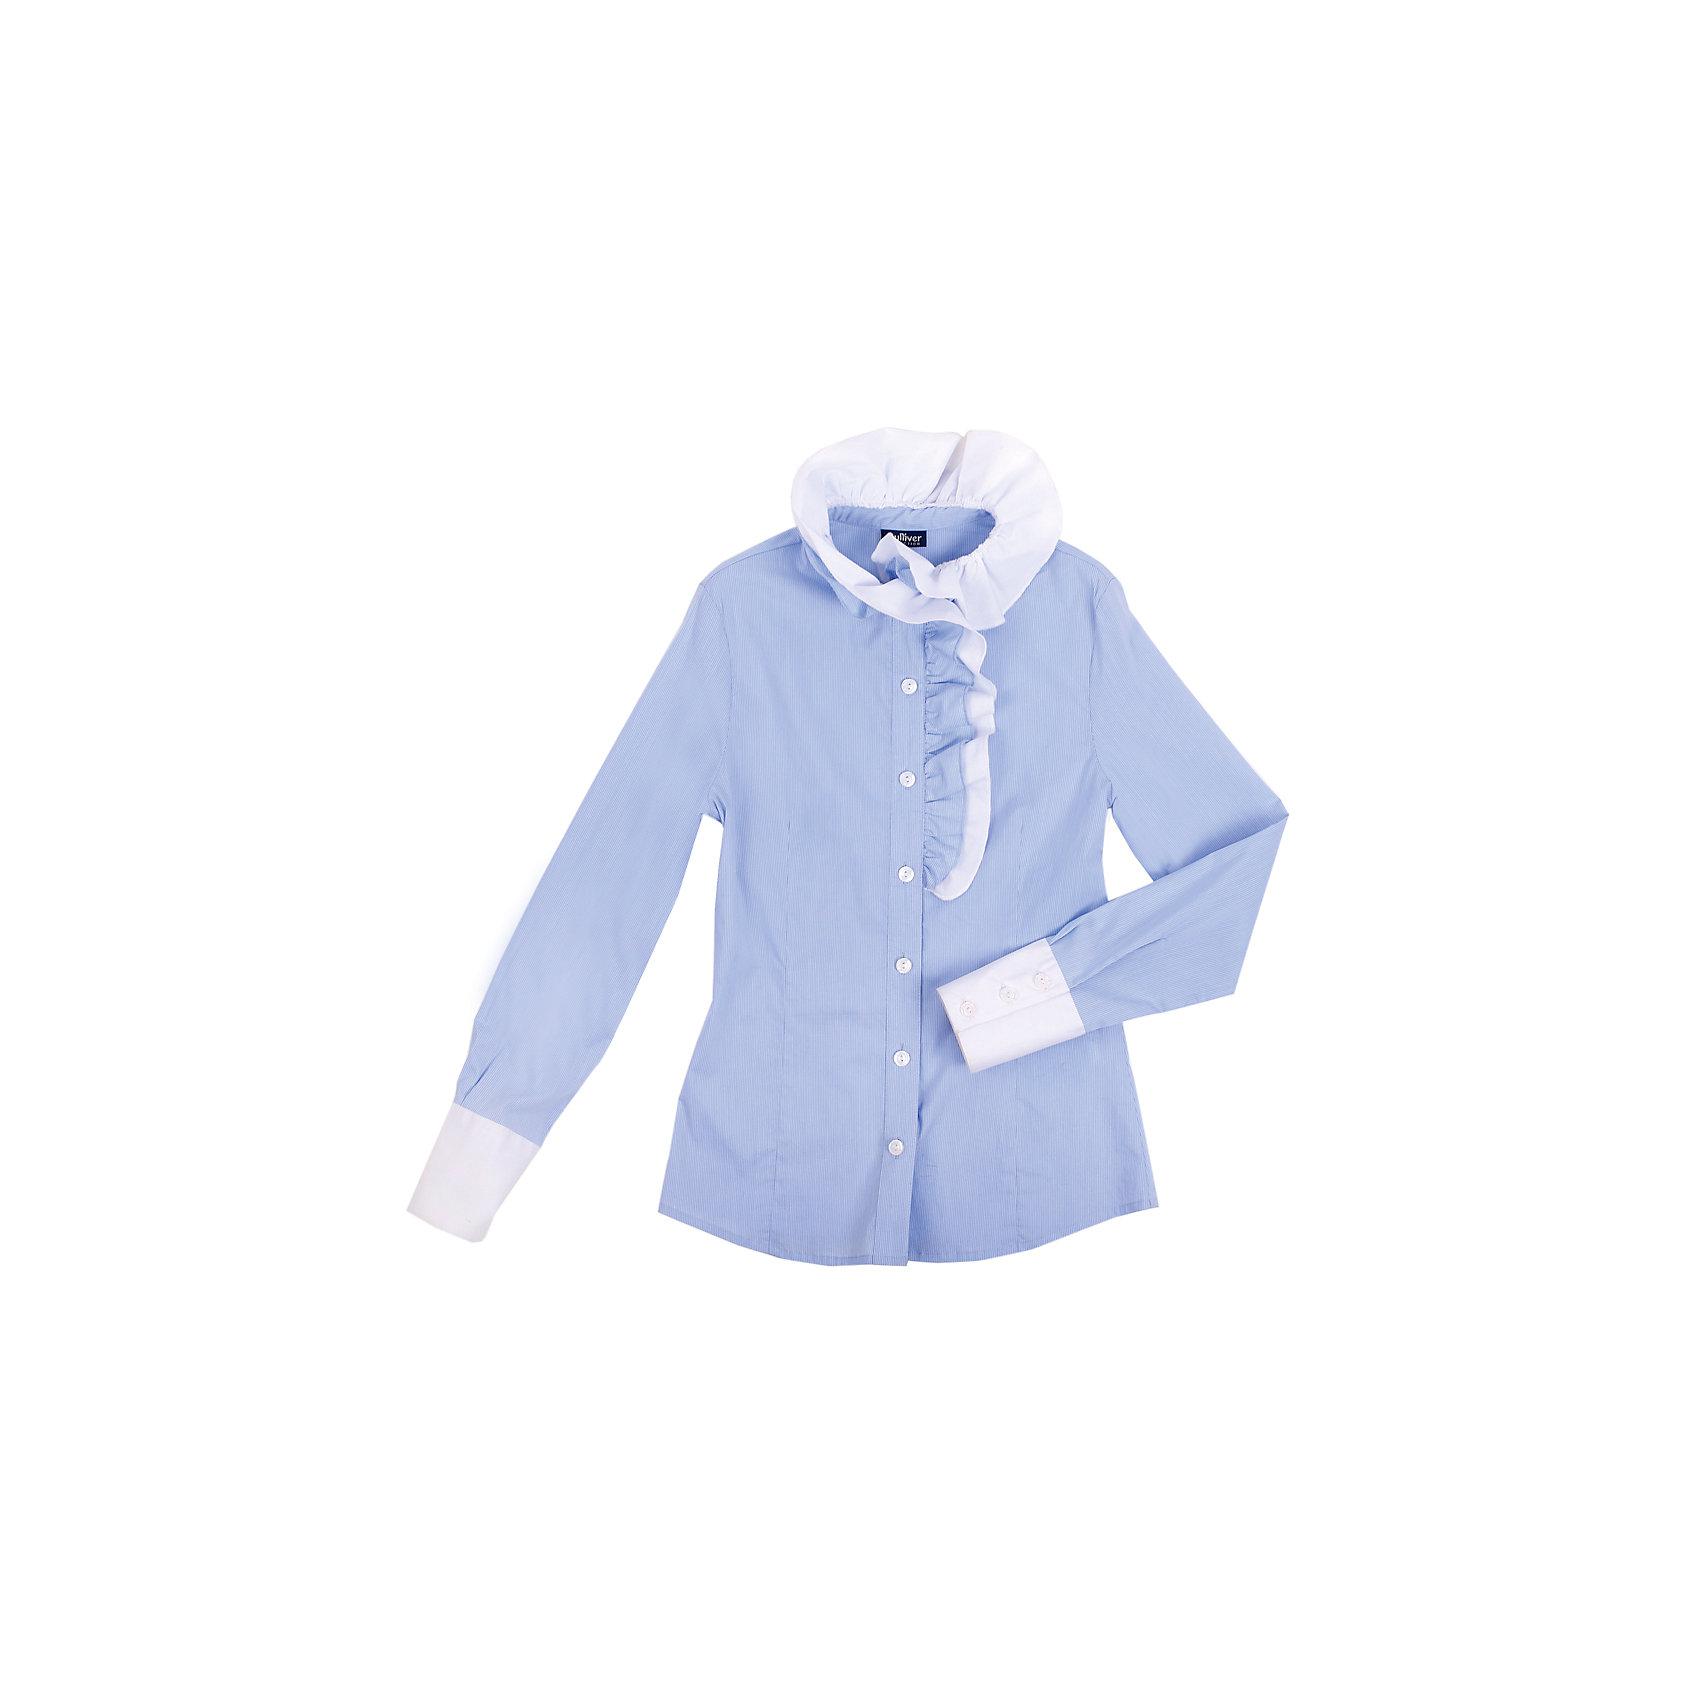 Блузка для девочки GulliverБлузка для девочки от российской марки Gulliver.<br>Нарядная блузка в тонкую полоску хороша и для каждого дня, и для торжественных школьных мероприятий. Воротник и полочку украшает двойная объемная рюша асимметричного кроя.  Прекрасный состав ткани обладает мягкостью и пластичностью, что обеспечивает отличную  посадку изделия на фигуре и делает продолжительную носку блузки приятной и комфортной.<br>Состав:<br>68%хлопок, 29% полиэстер, 3%эластан<br><br>Ширина мм: 186<br>Глубина мм: 87<br>Высота мм: 198<br>Вес г: 197<br>Цвет: голубой<br>Возраст от месяцев: 96<br>Возраст до месяцев: 108<br>Пол: Женский<br>Возраст: Детский<br>Размер: 134,122,128,140,158,152,146<br>SKU: 4174760